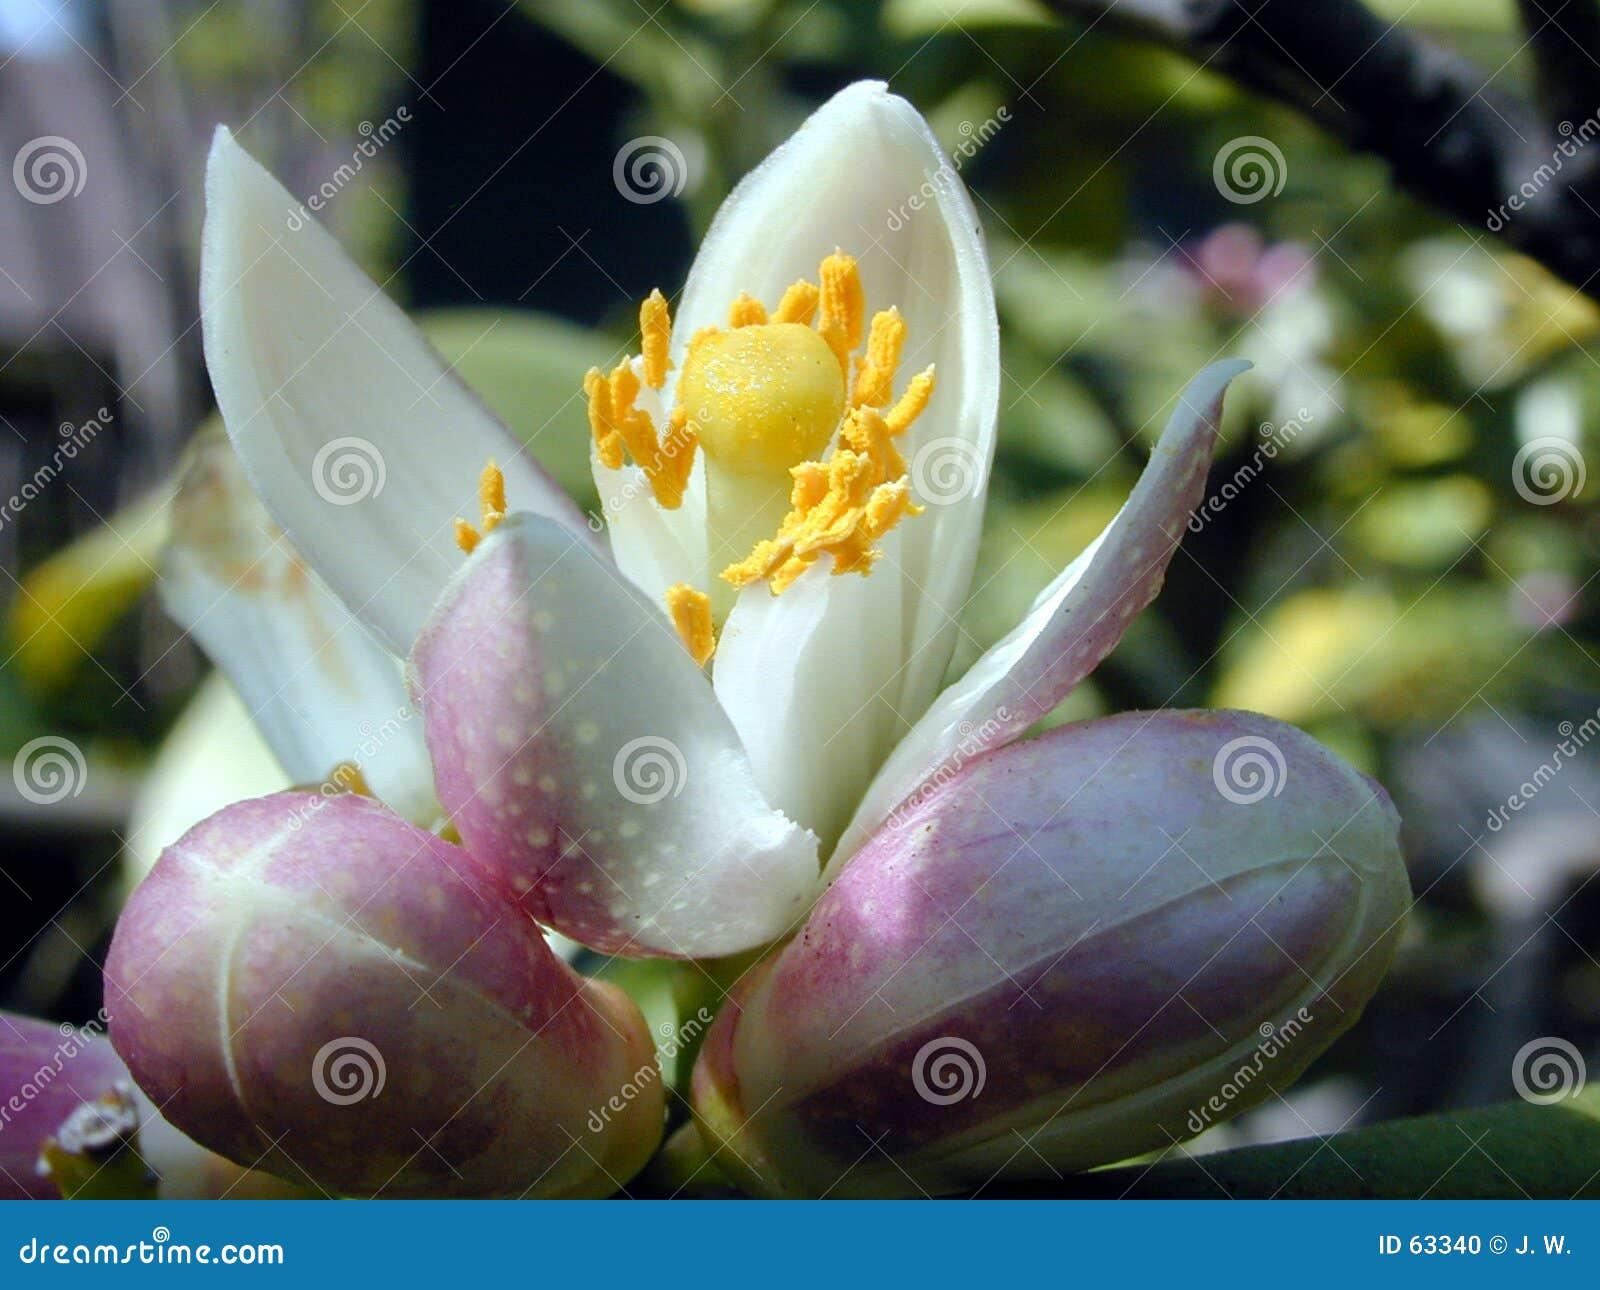 Zitrone-Baum-Blume und Knospen